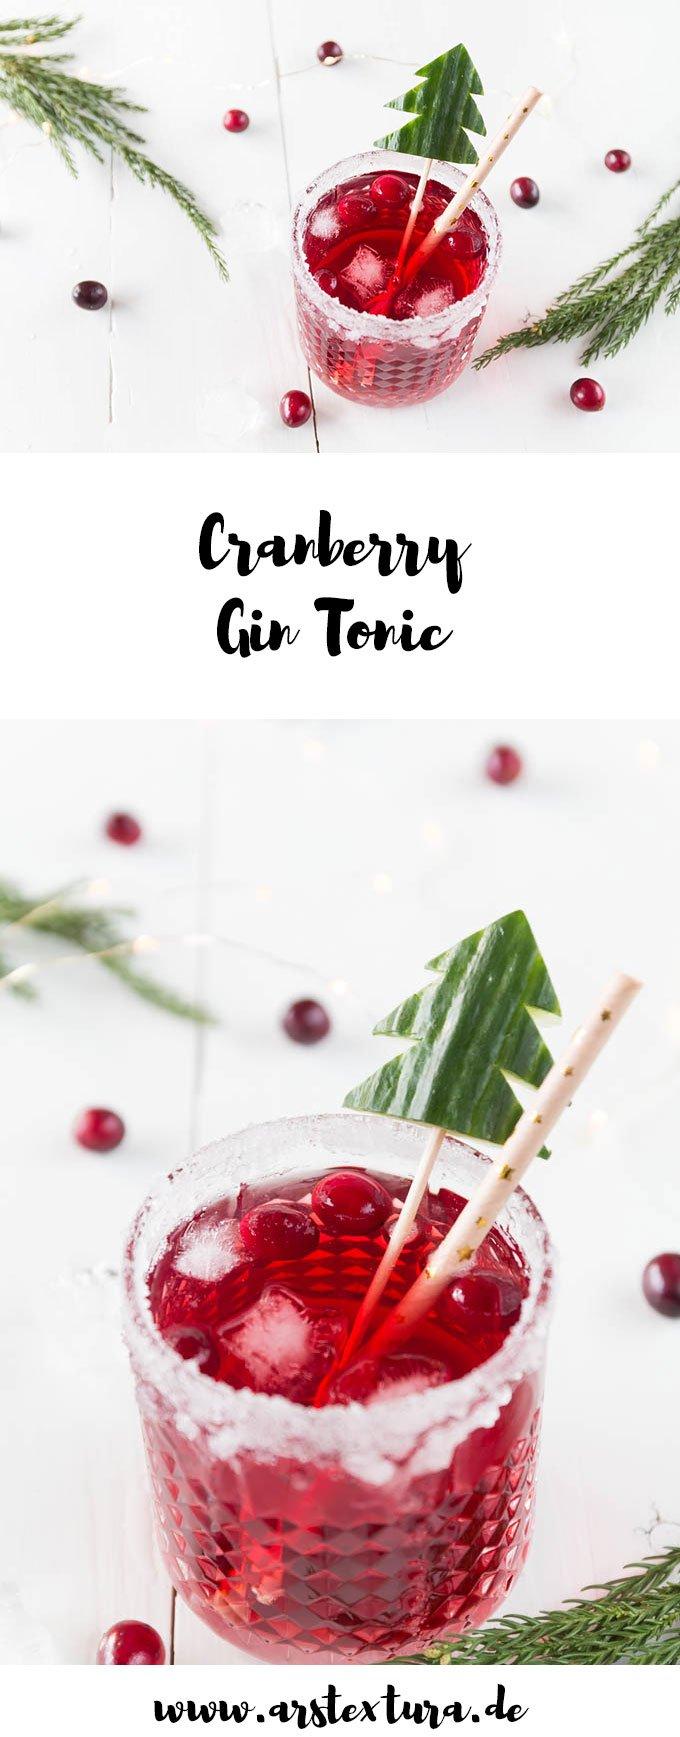 Cranberry Gin Tonic ist ein tolles Getränk zu Weihnachten - er passt perfekt als Aperitif zum Weihnachtsmenü | ars textura - DIY & Food Blog